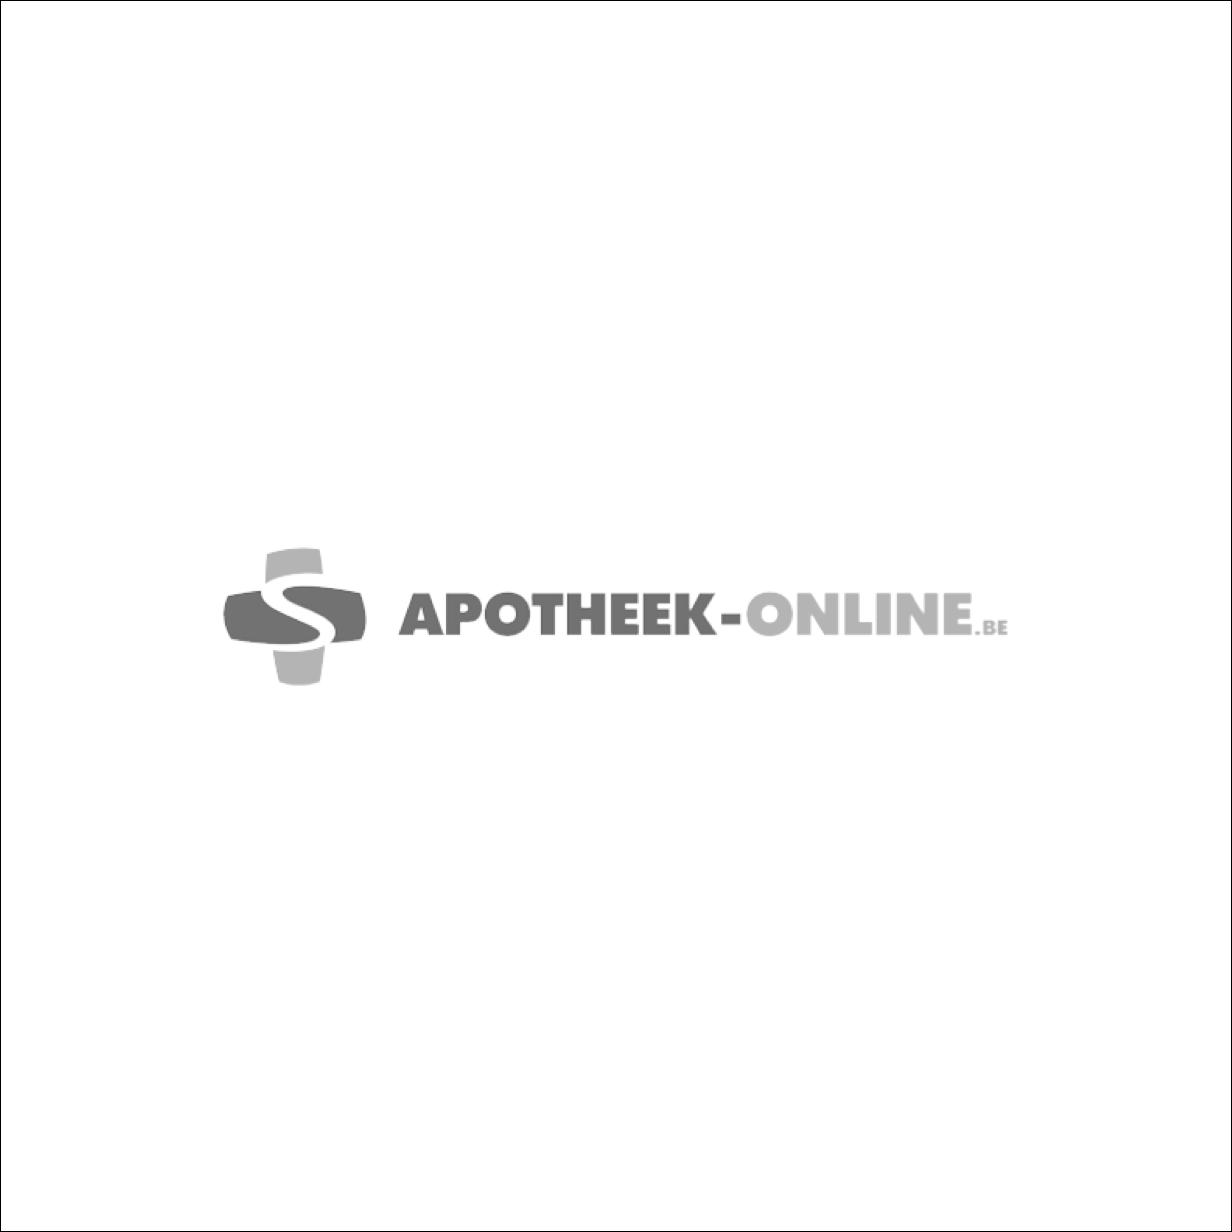 New Nordic Blue Berry Vision Mémoire & Concentration 120 Comprimés